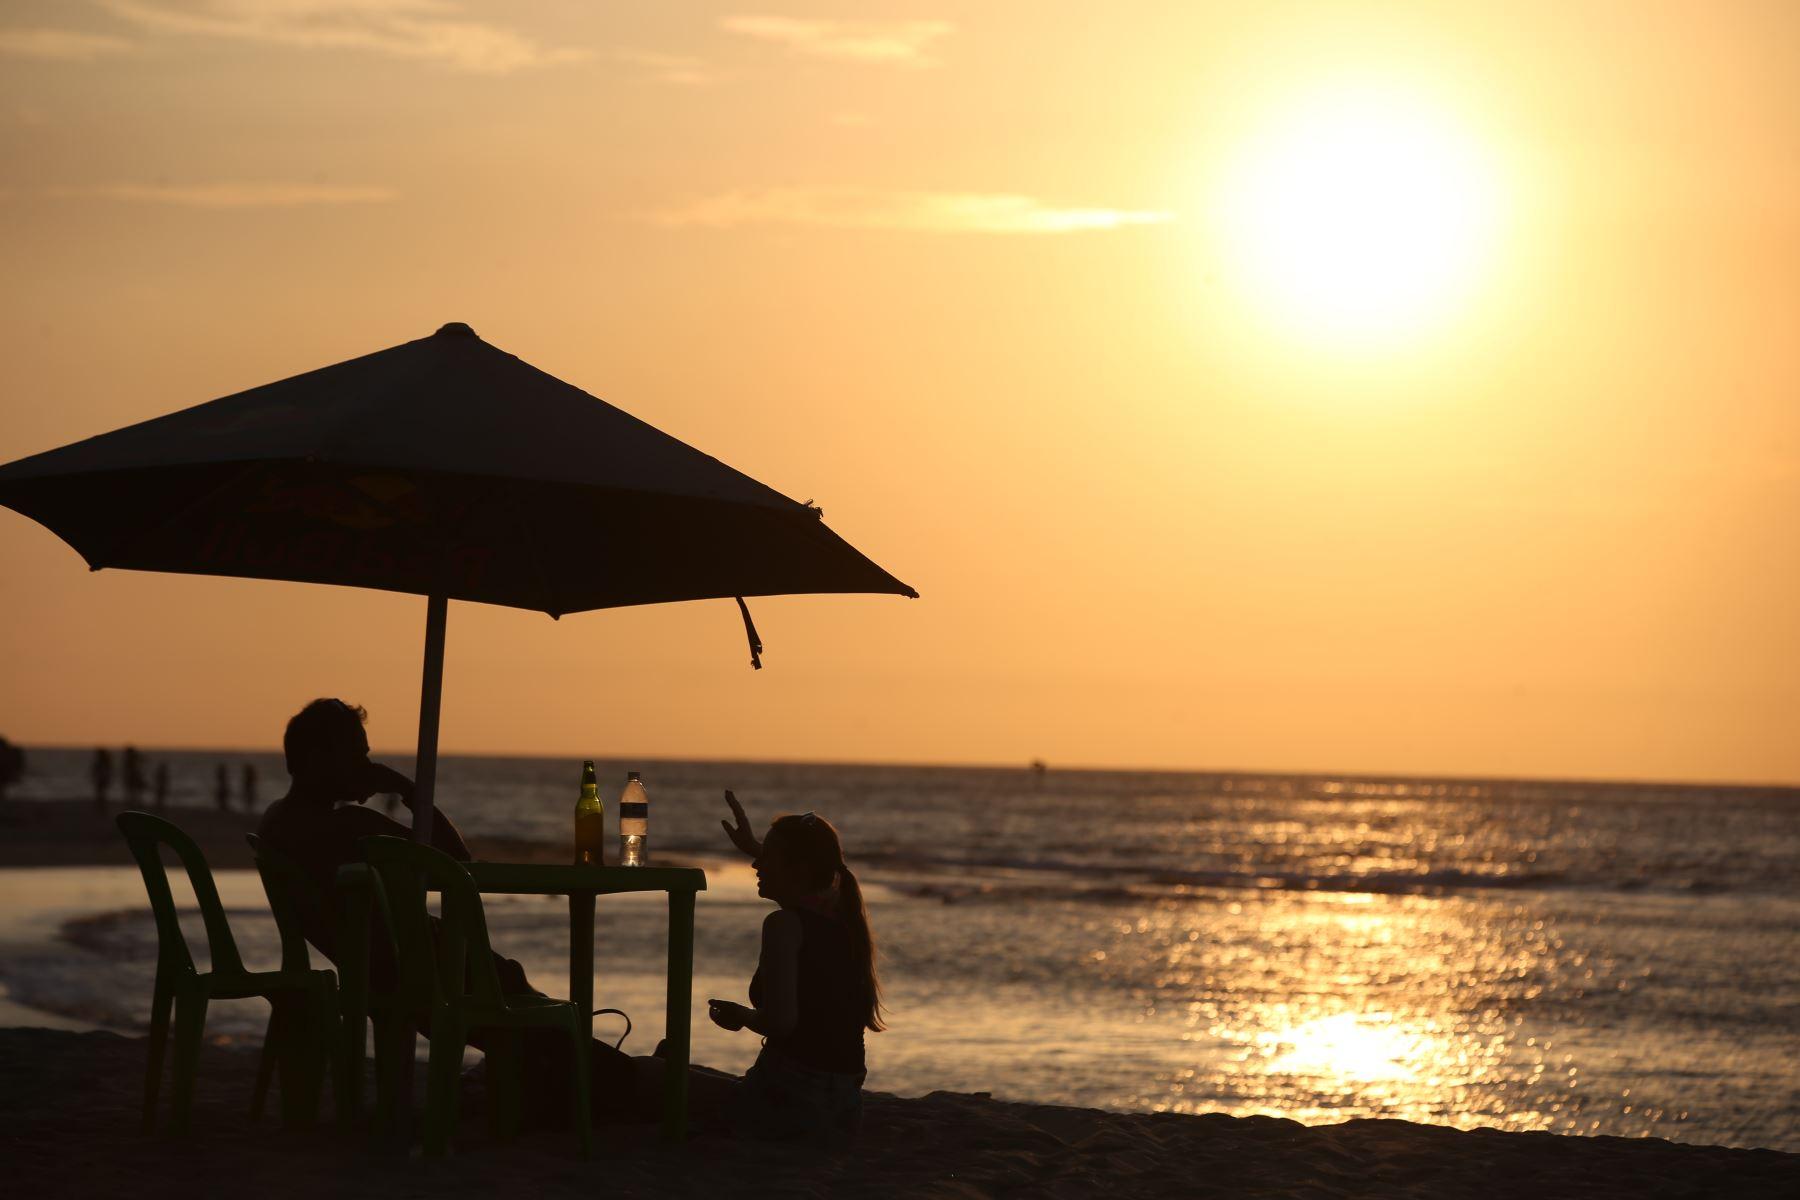 Las playas de la costa norte de Perú, como Máncora y Punta Sal, son los destinos favoritos de los turistas extranjeros que planean visitar el Perú en el último trimestre de este año. ANDINA/archivo